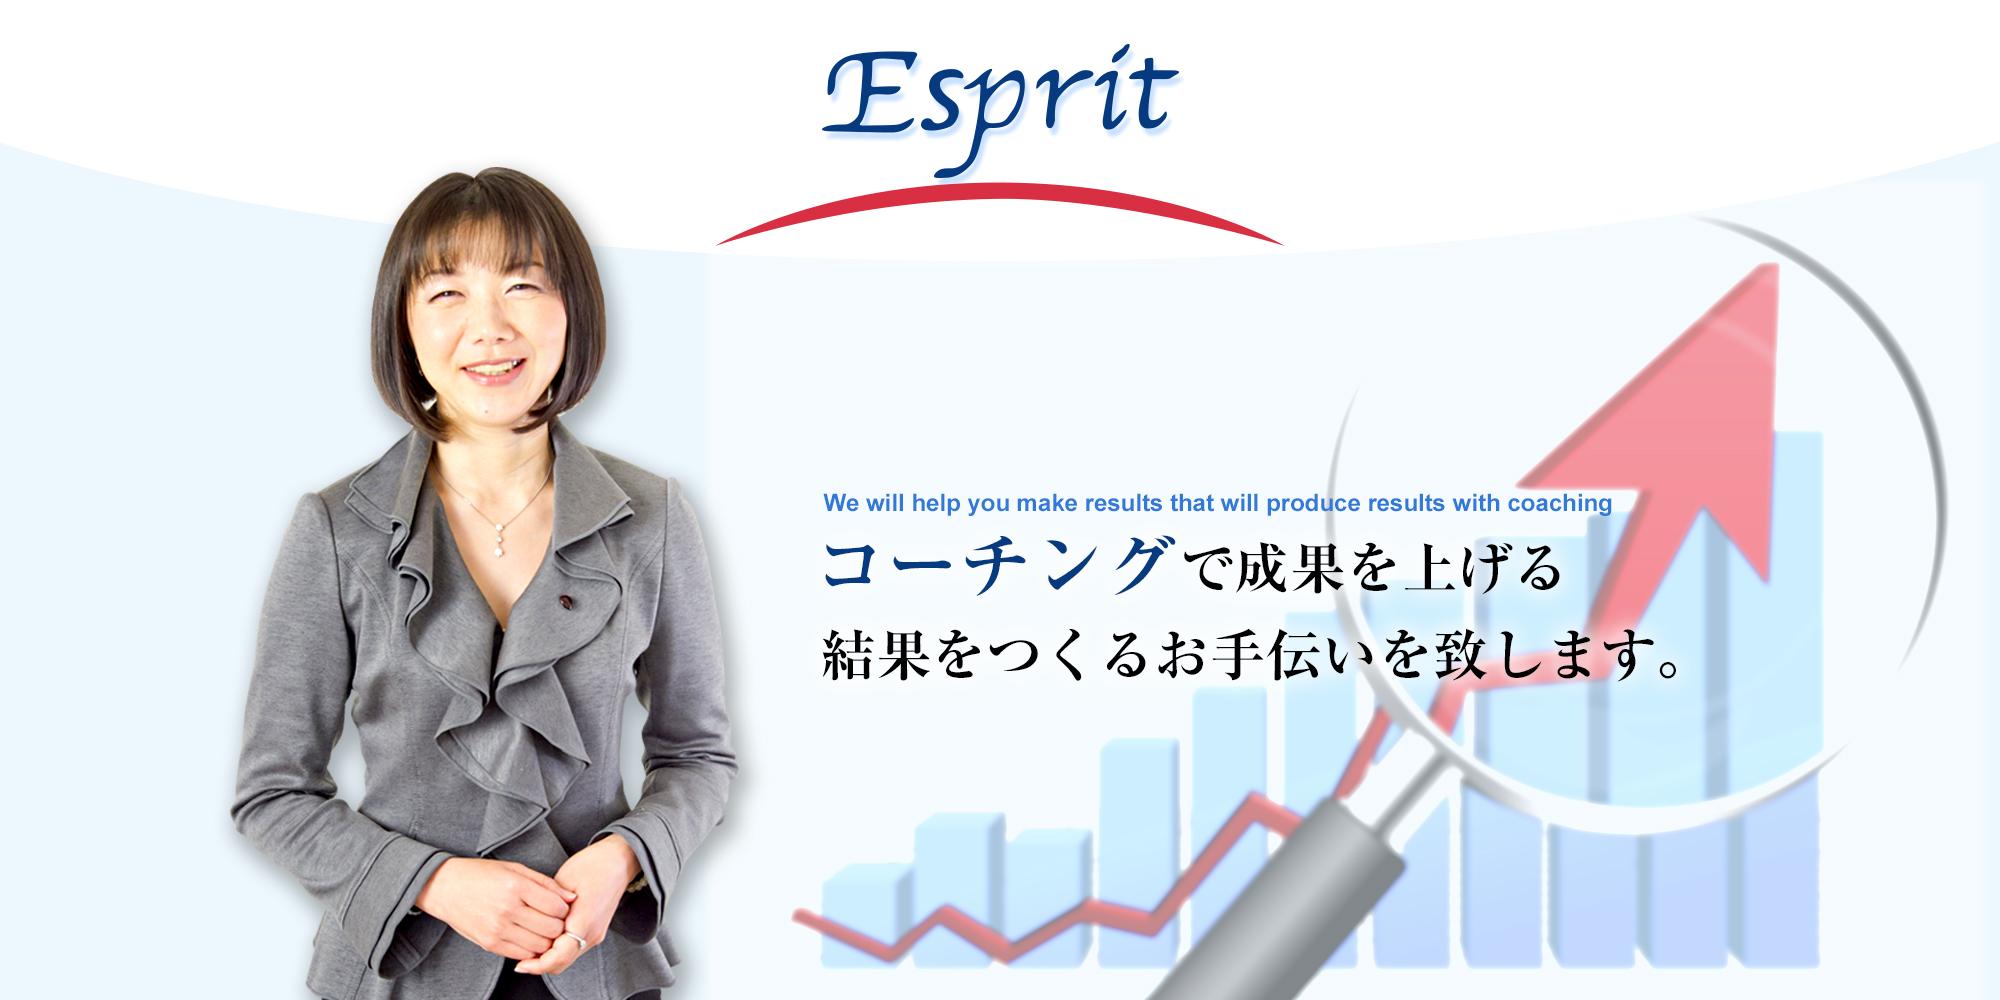 メンタルトレーニングの研修を承るEsprit | コーチングで成果を上げる 結果をつくるお手伝いを致します。